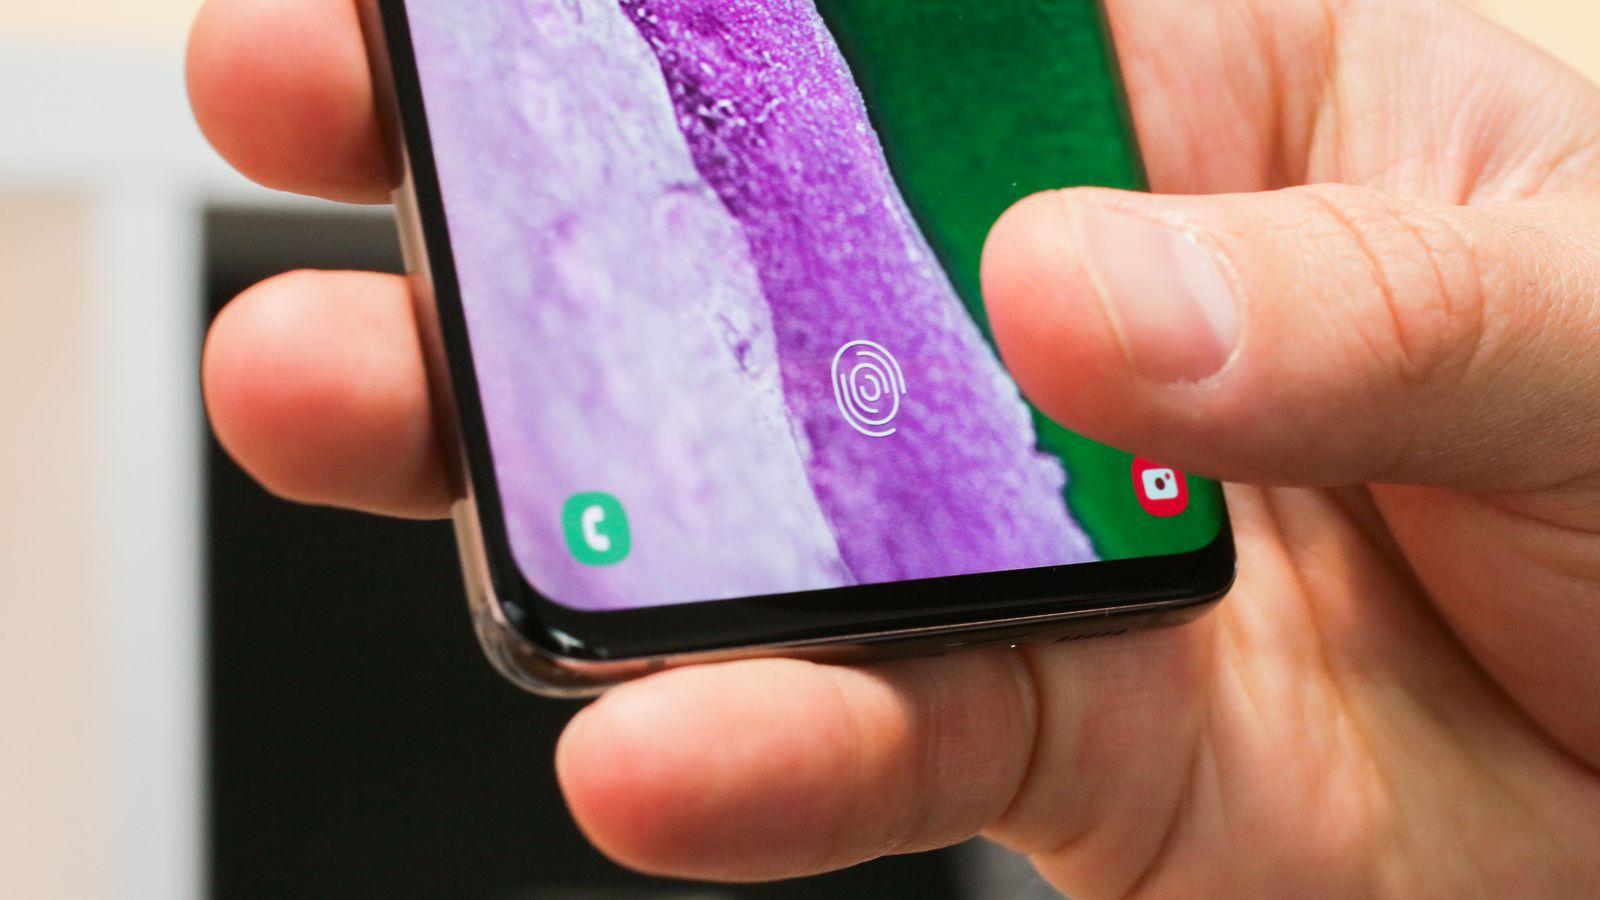 Vân tay siêu âm trên Galaxy S10 | S10+ có cập nhật mới: nhanh hơn, chính xác hơn!